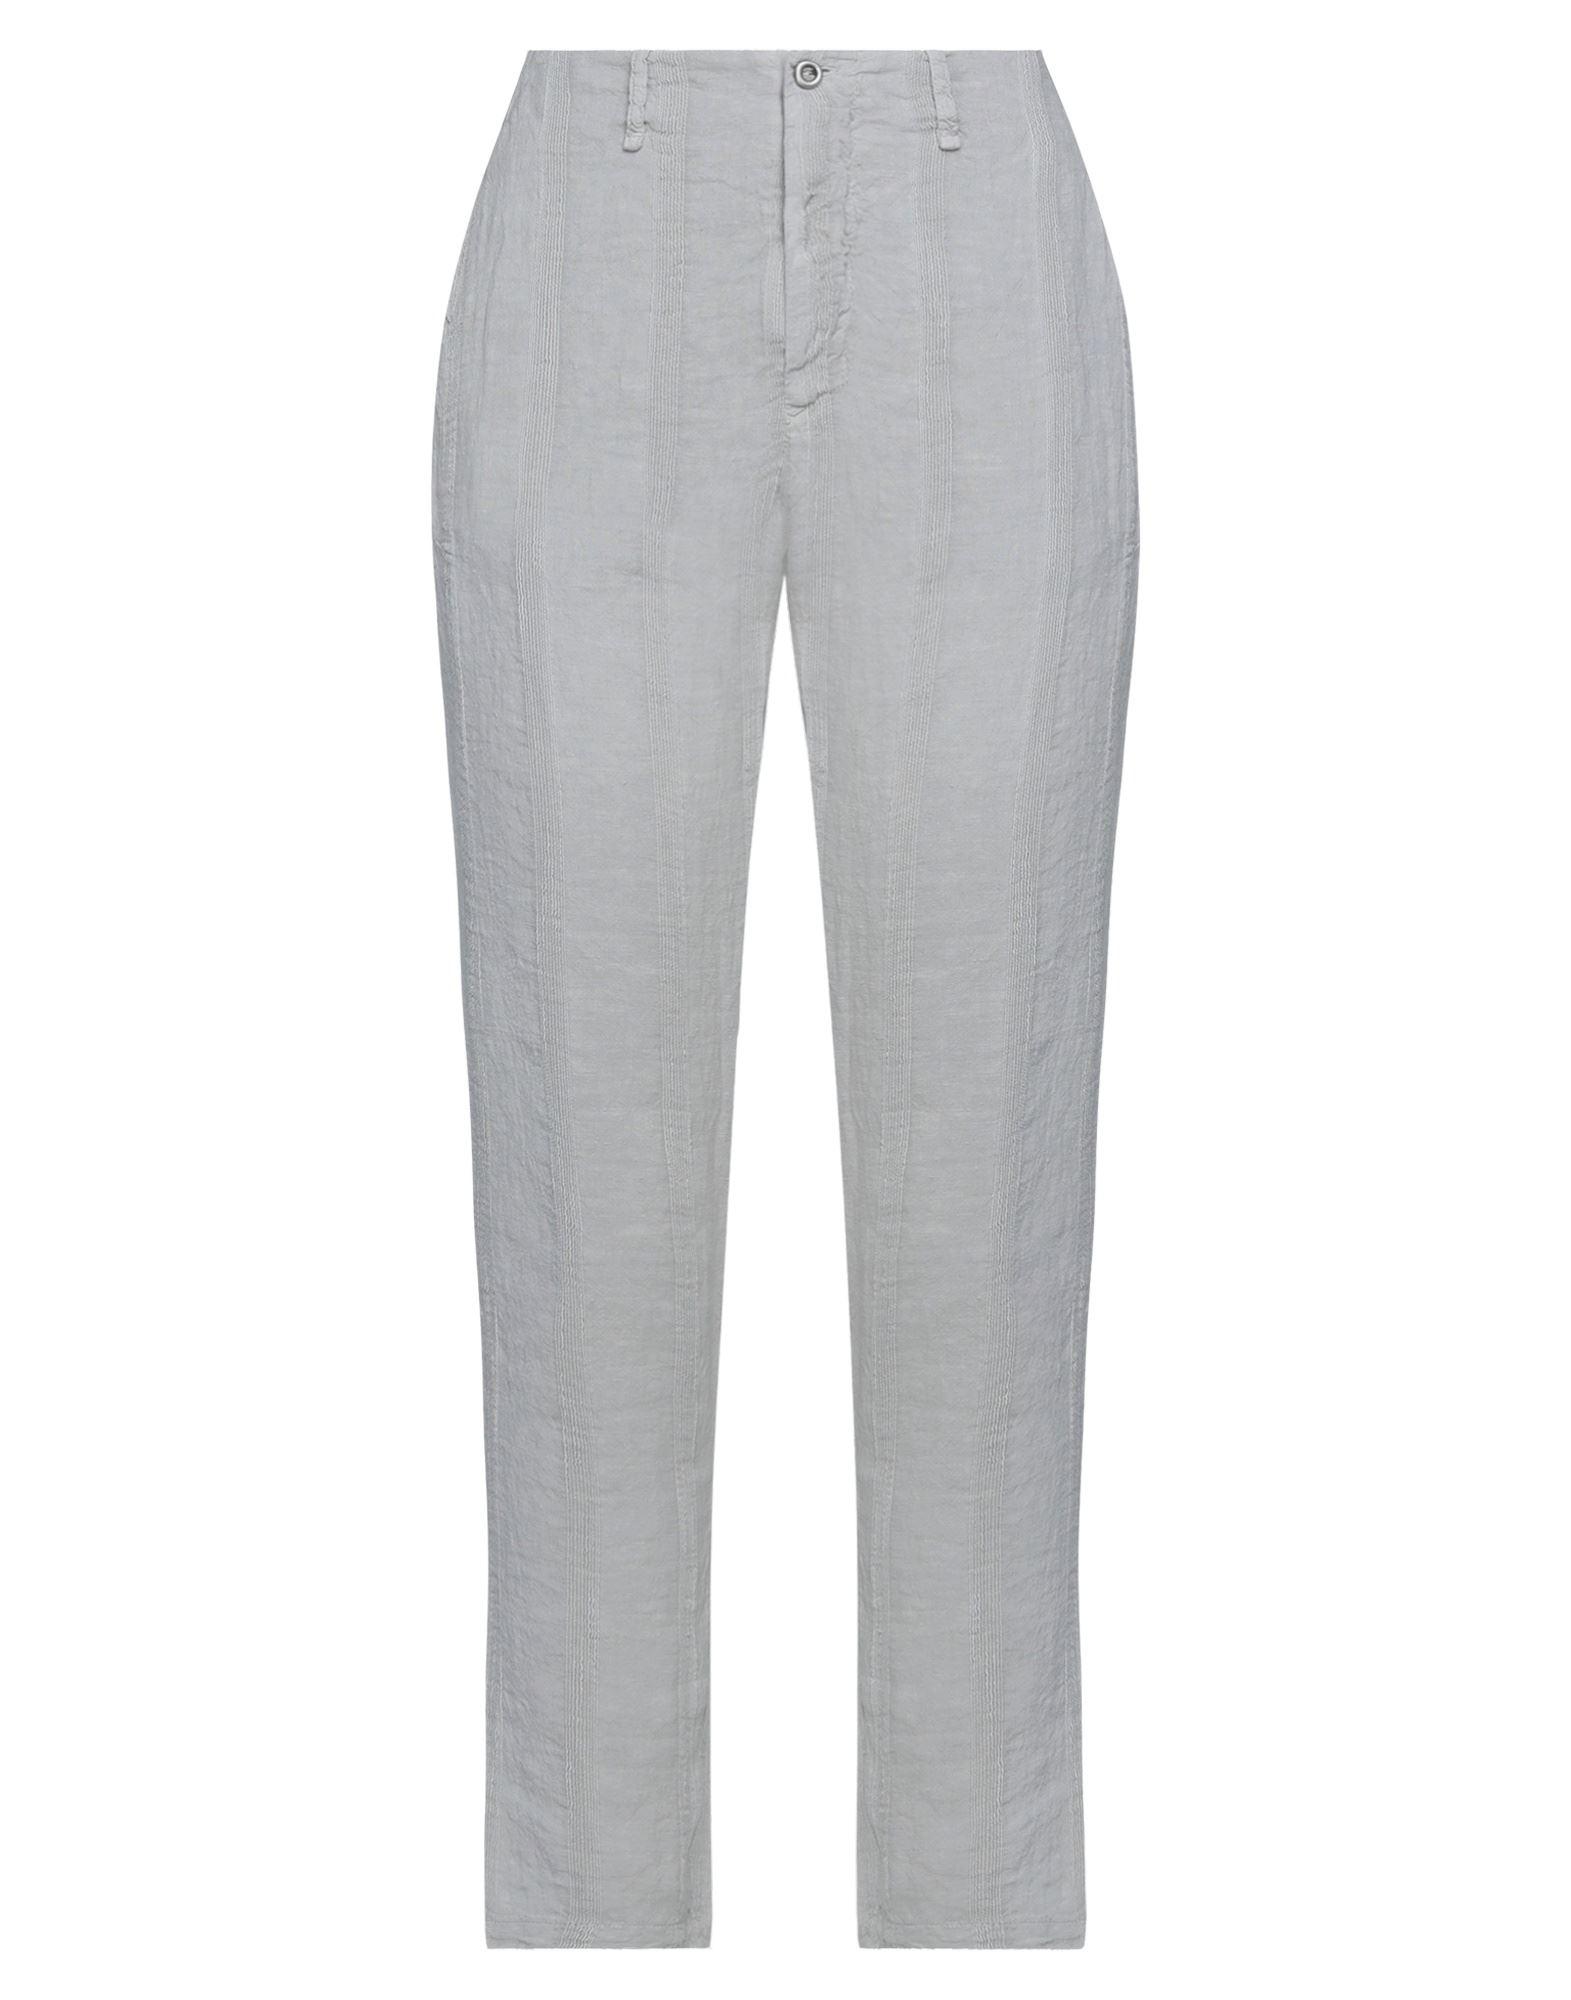 TRANSIT PAR-SUCH Casual pants - Item 13586406